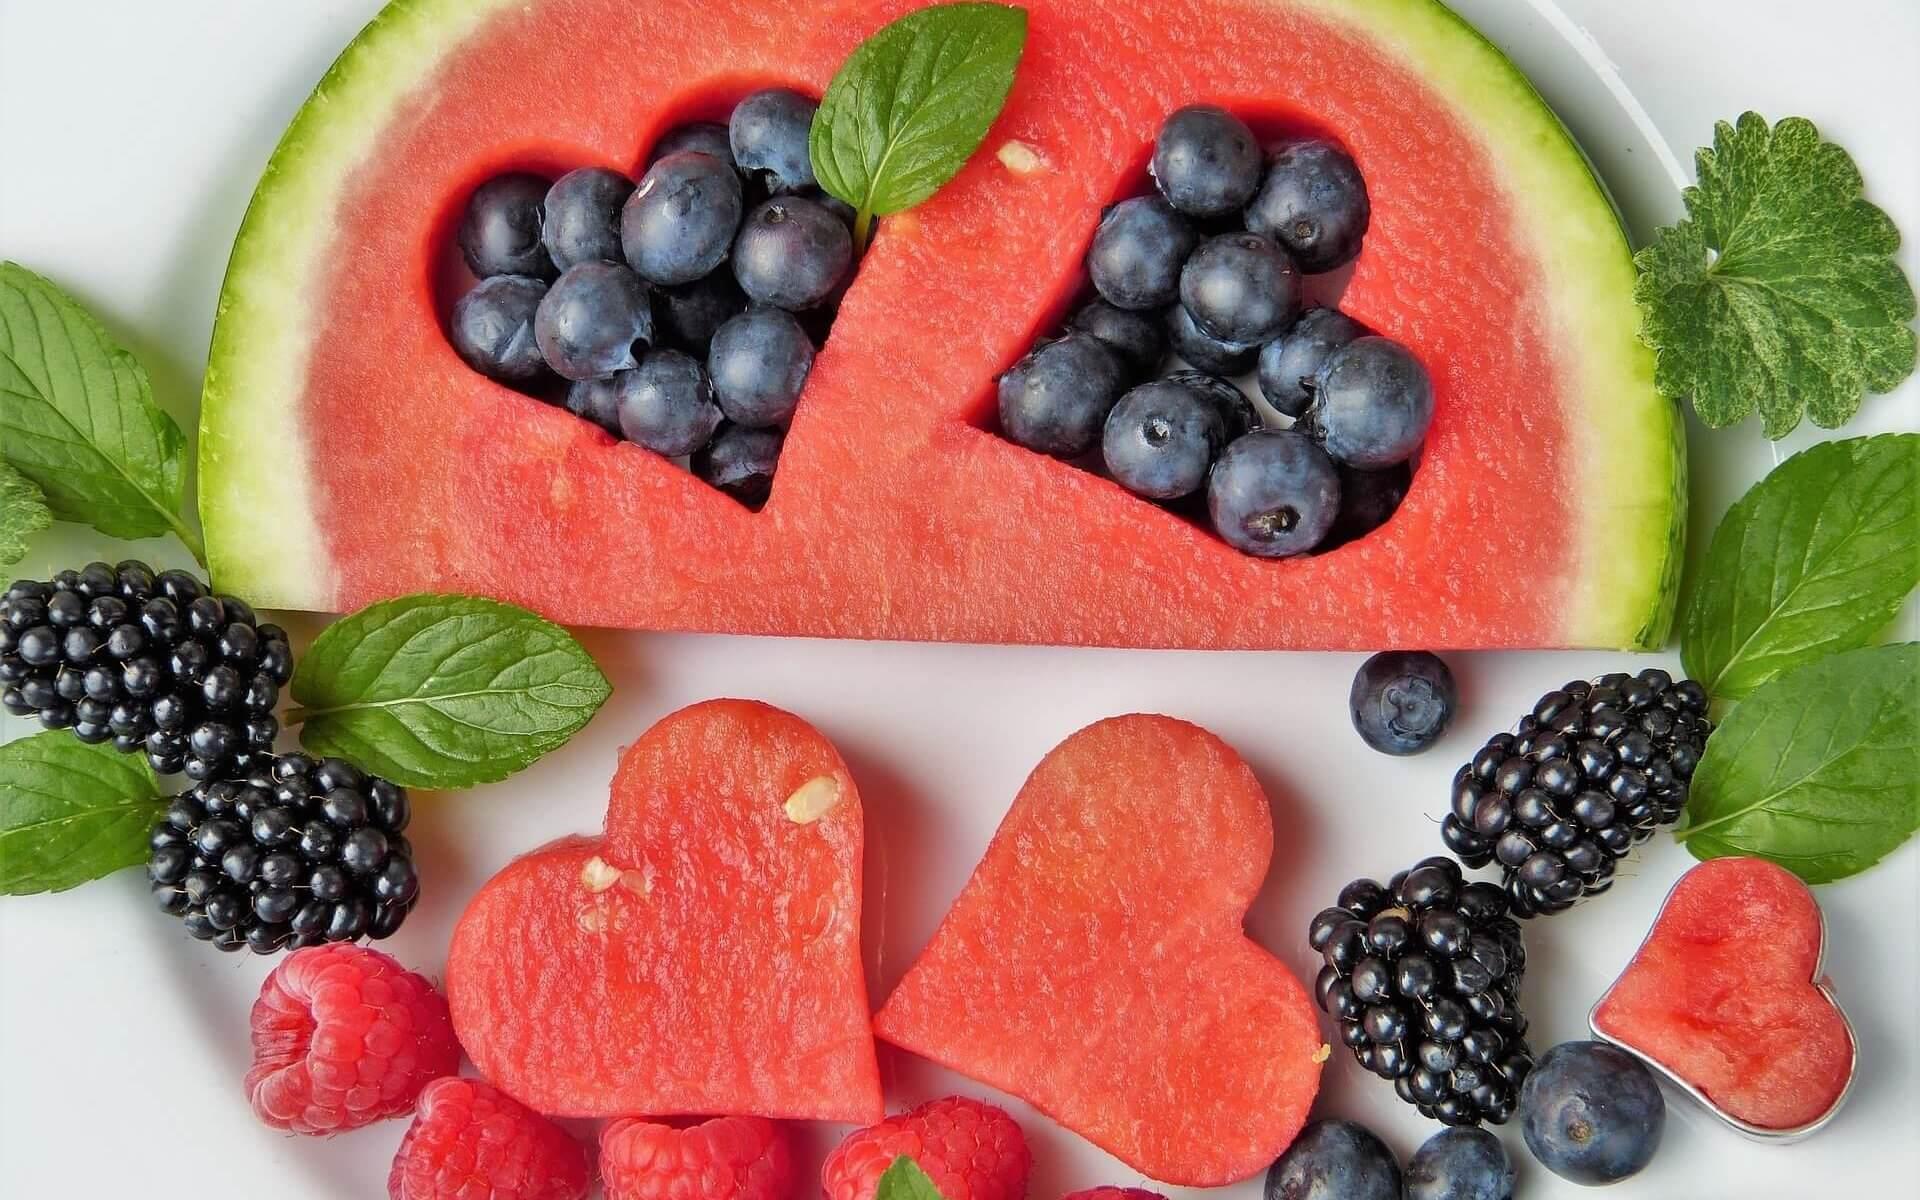 Kreative Fotoidee mit Obst